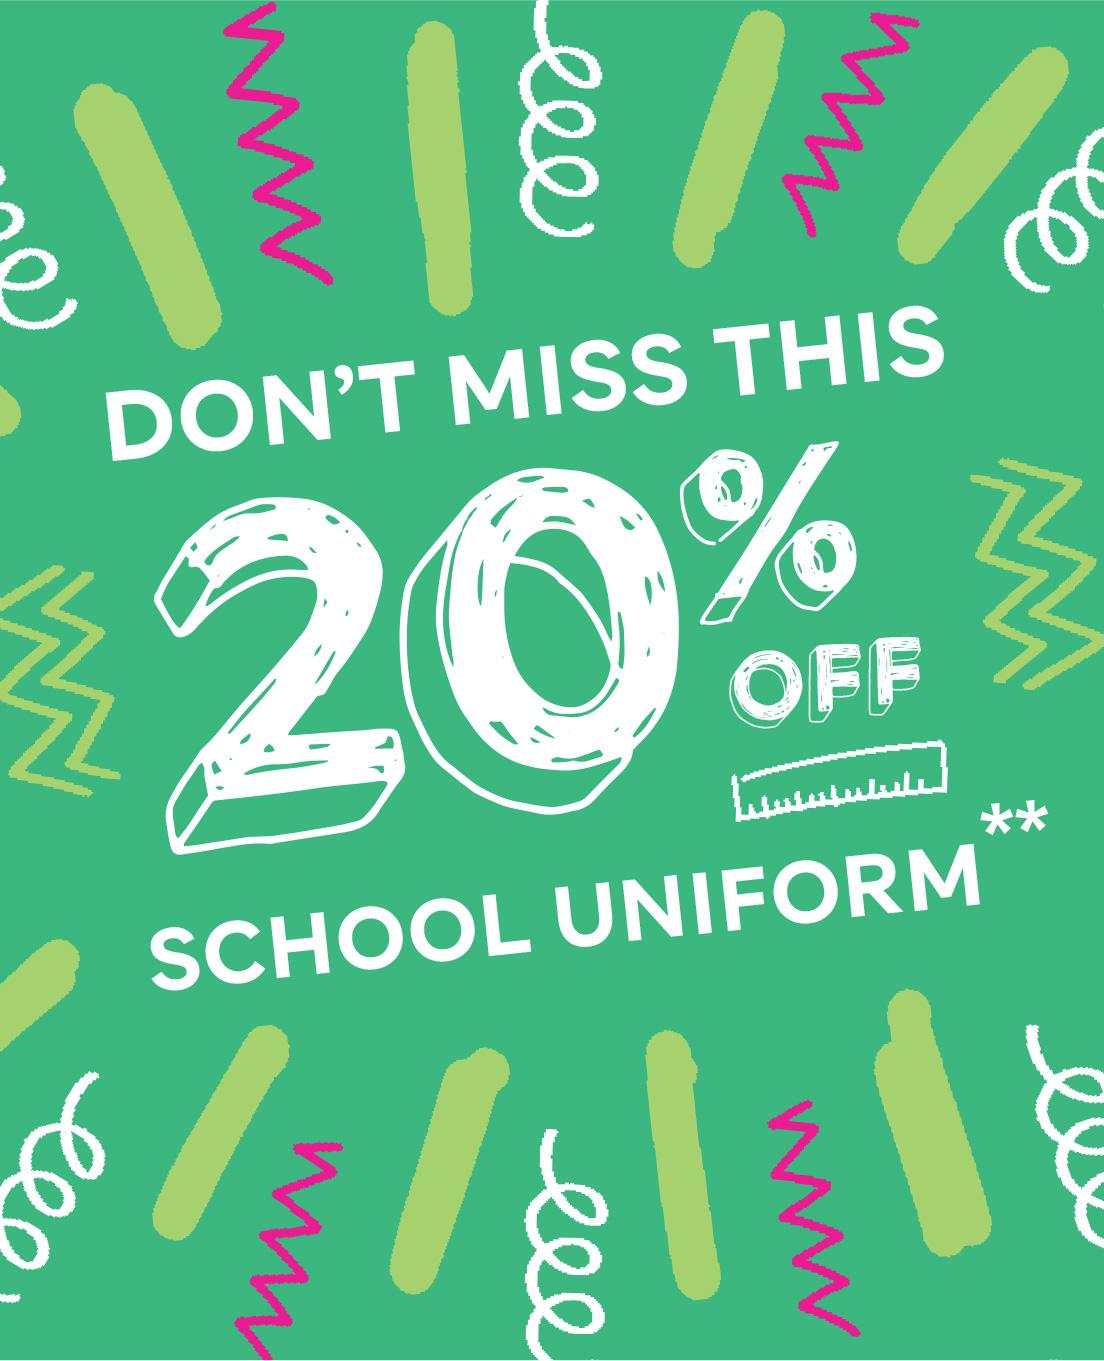 20% OFF SCHOOL UNIFORM**